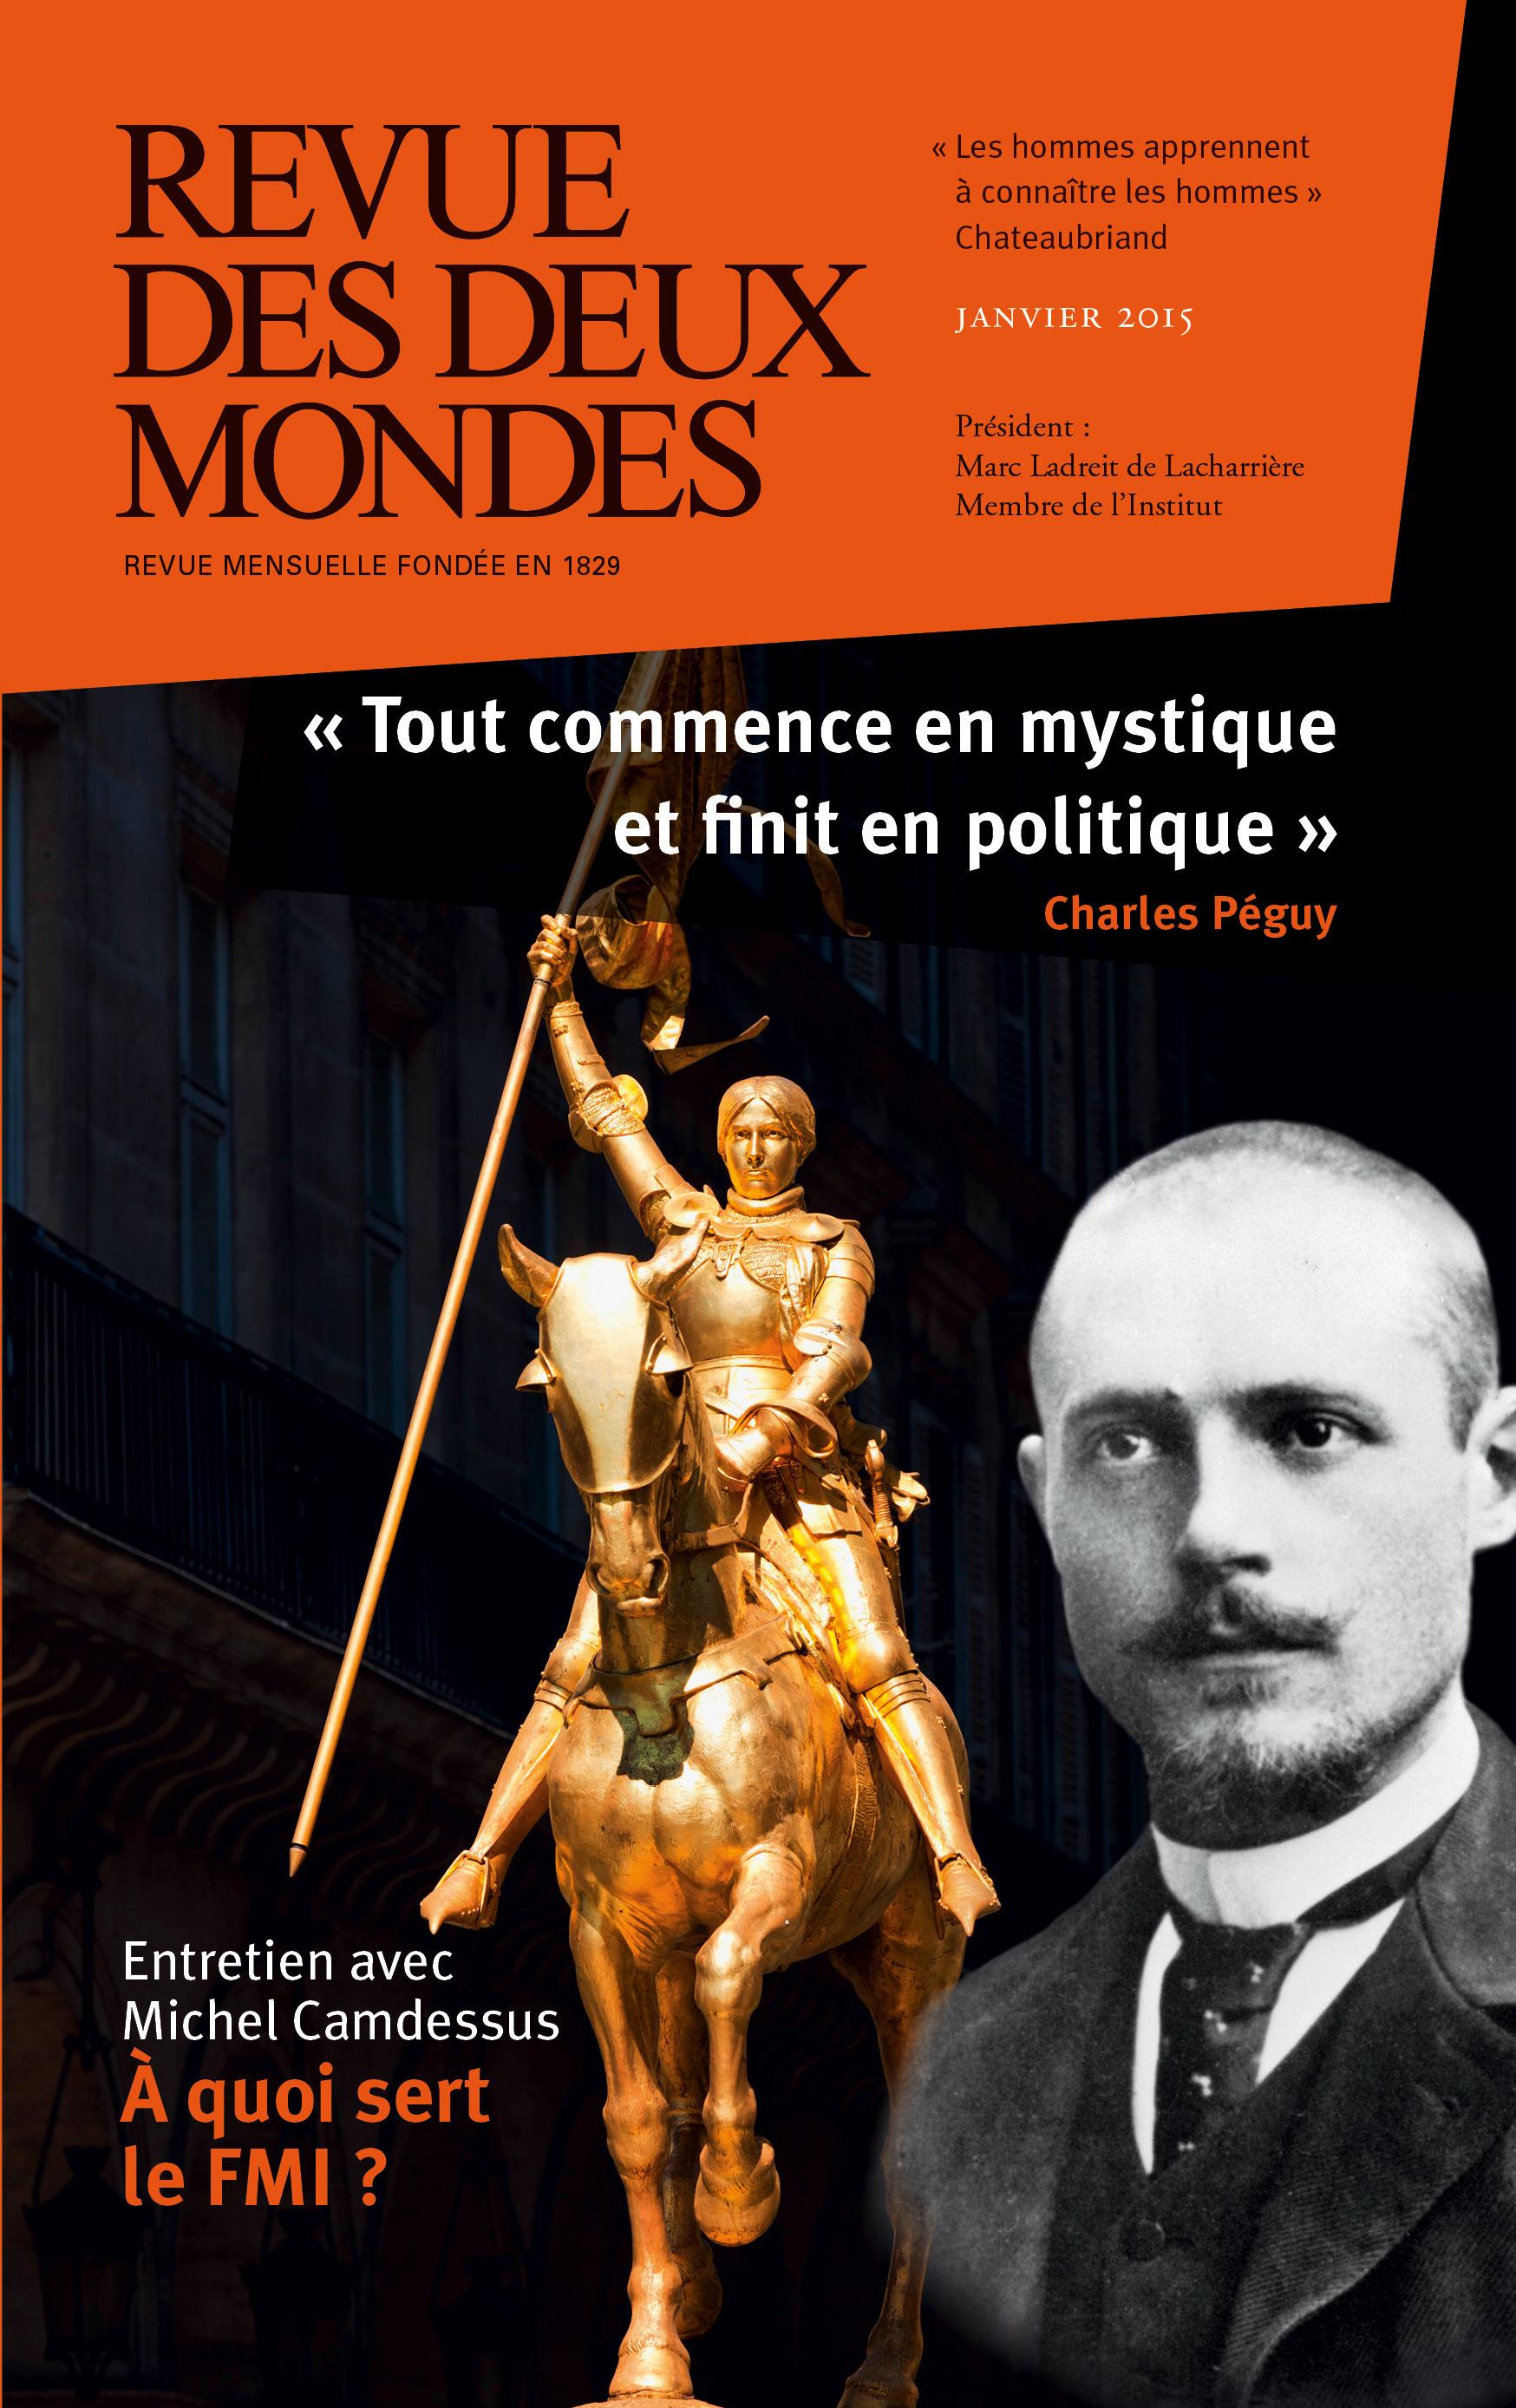 REVUE DES DEUX MONDES ; politique et mystique